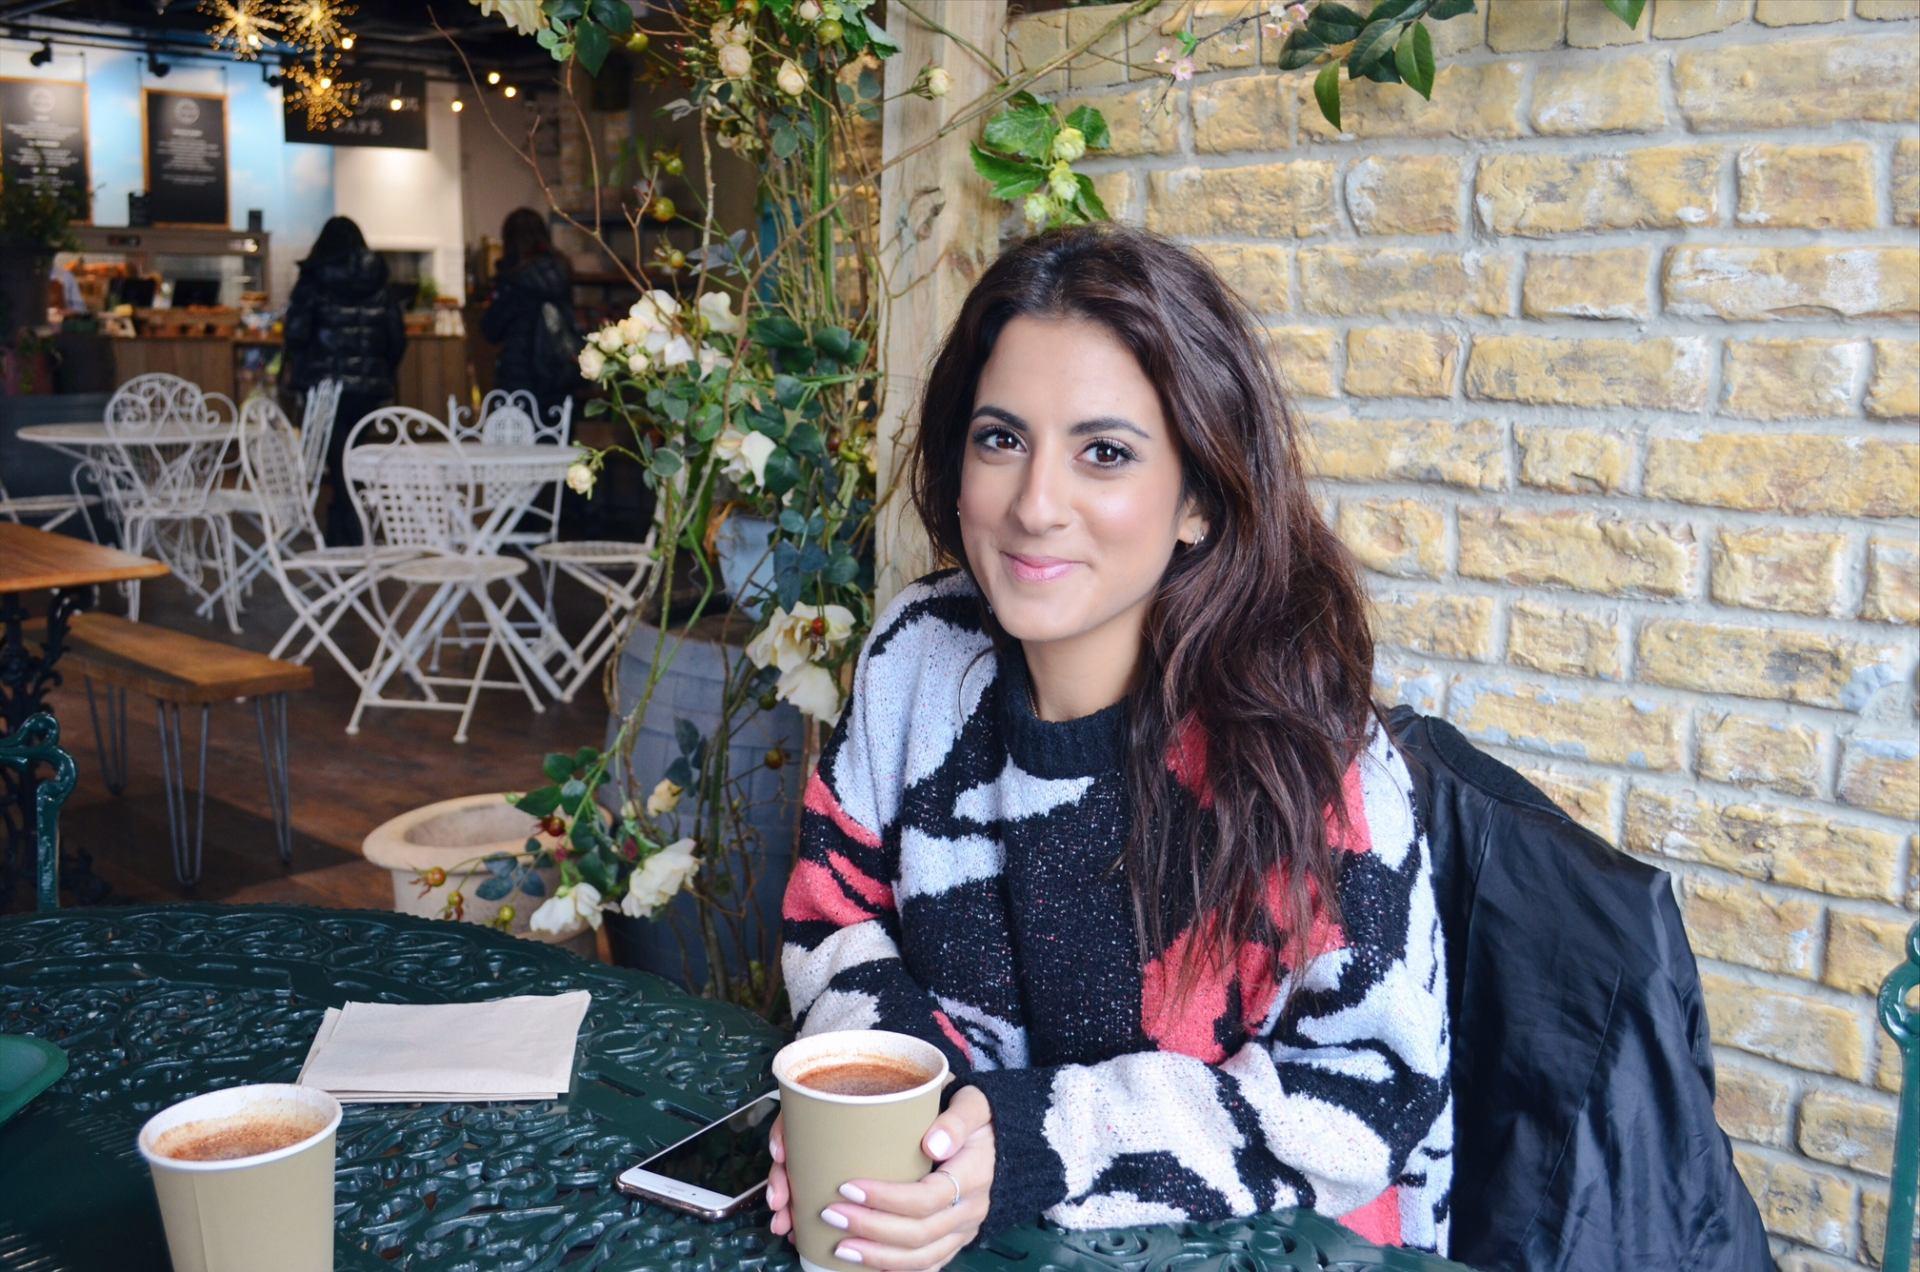 bicester-village-secret-garden-cafe-review